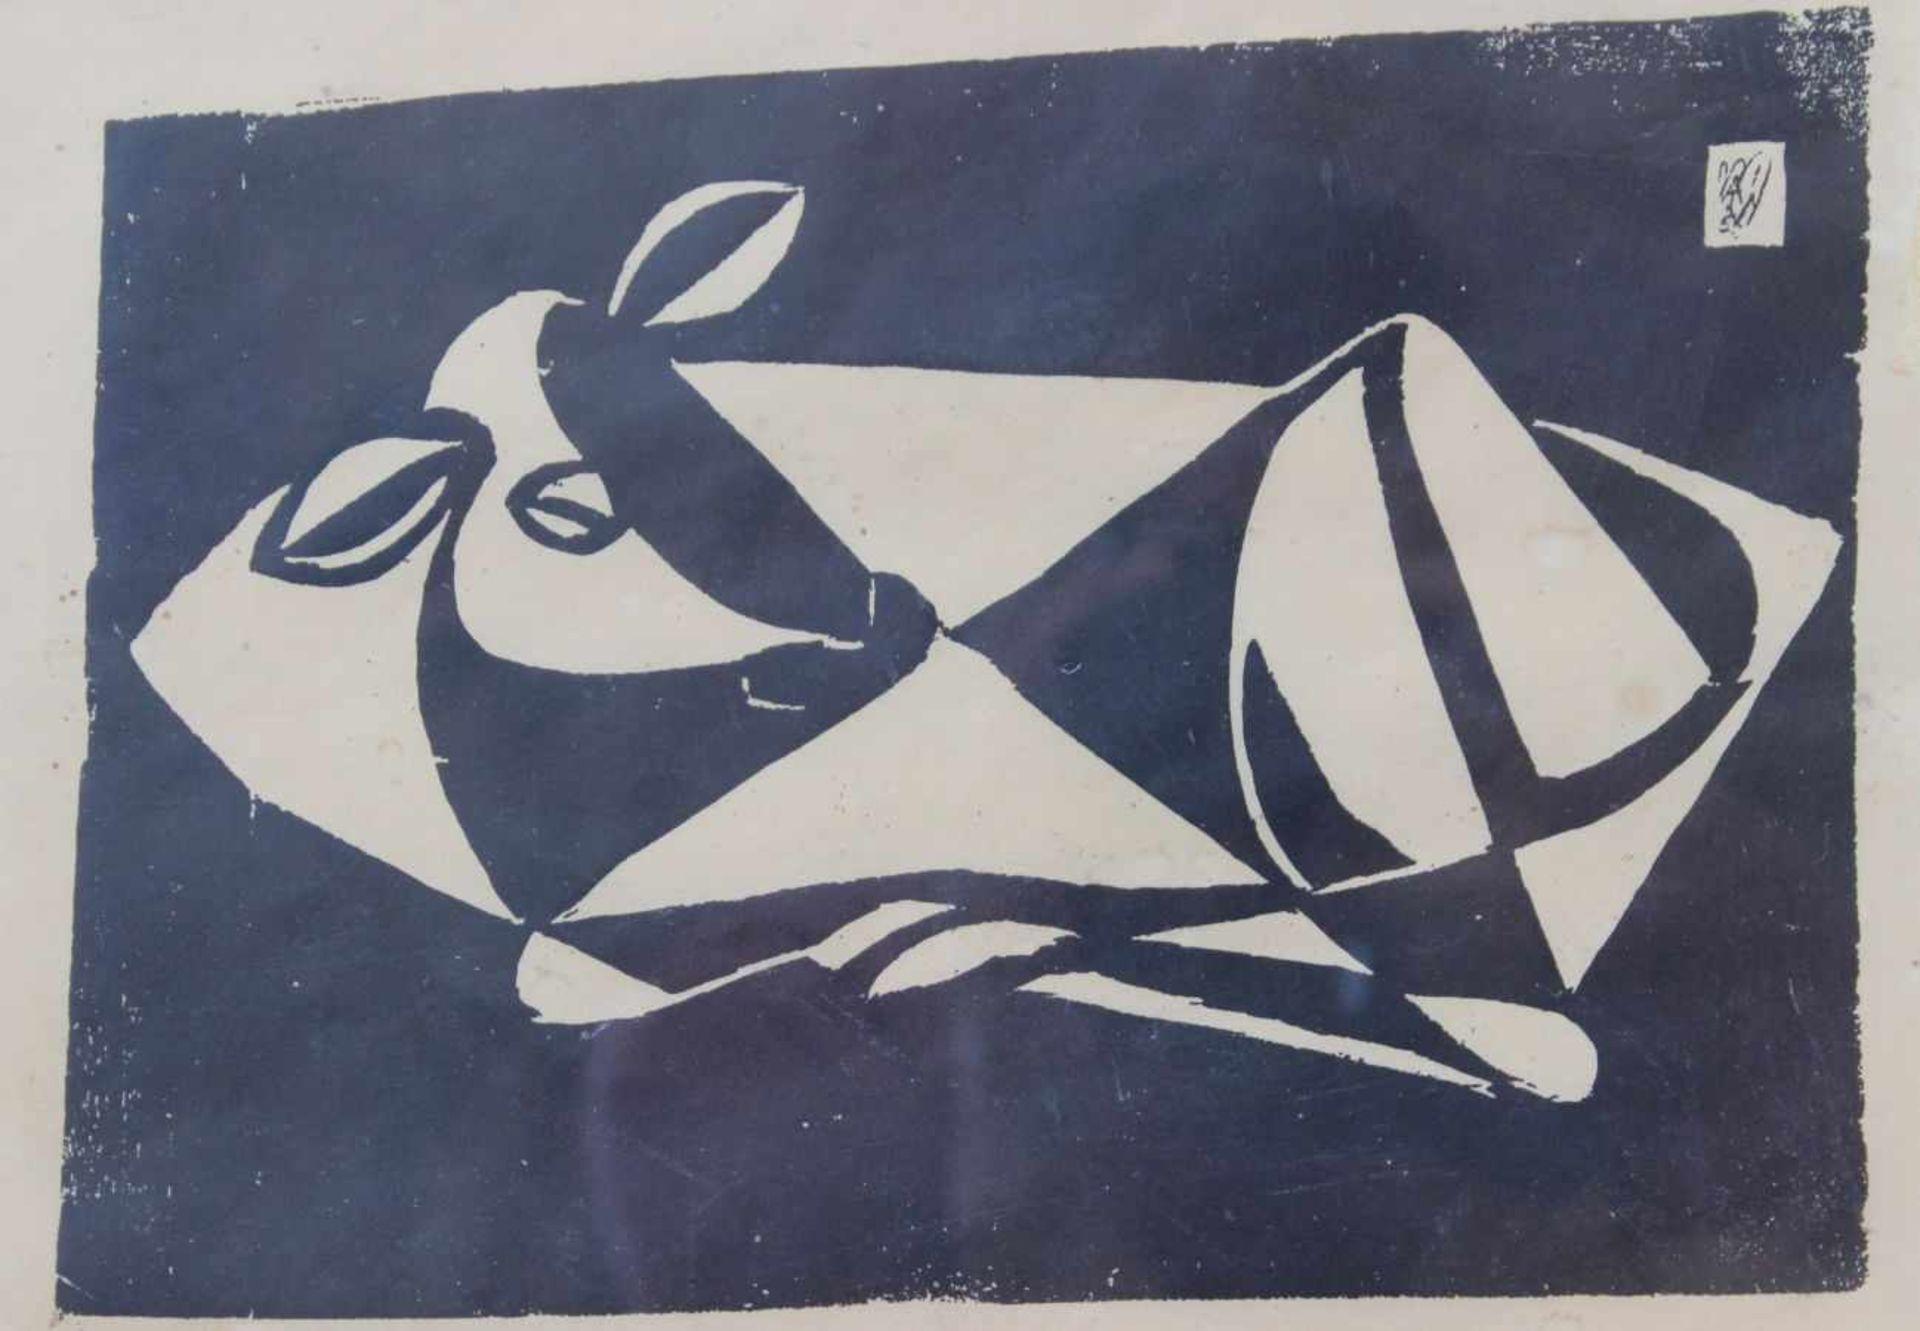 """Holzschnitt - Ewald Matare (1887 Burtscheid - 1965 Büderich) """"Liegendes Kälbchen"""", typographisch"""